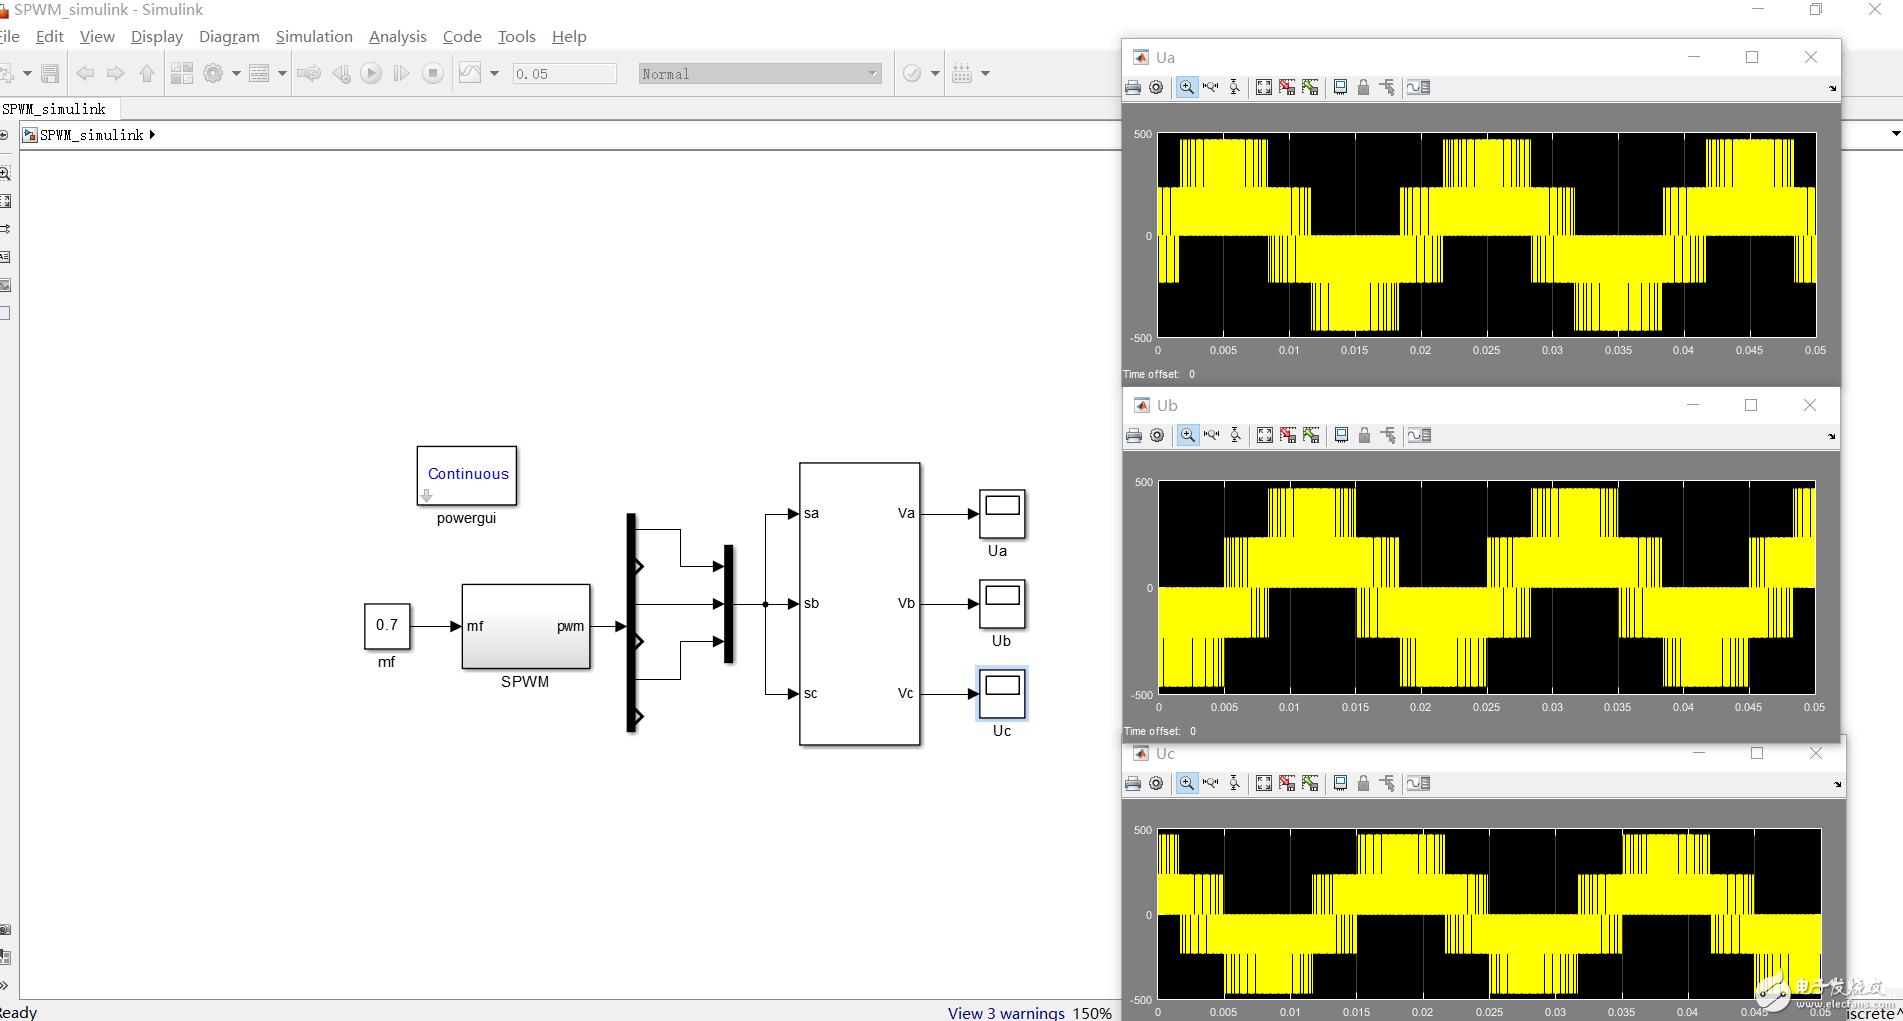 【SPWM仿真模型】根据理论搭建的MATLAB仿真模型,可用于算法验证,大家可以看看!